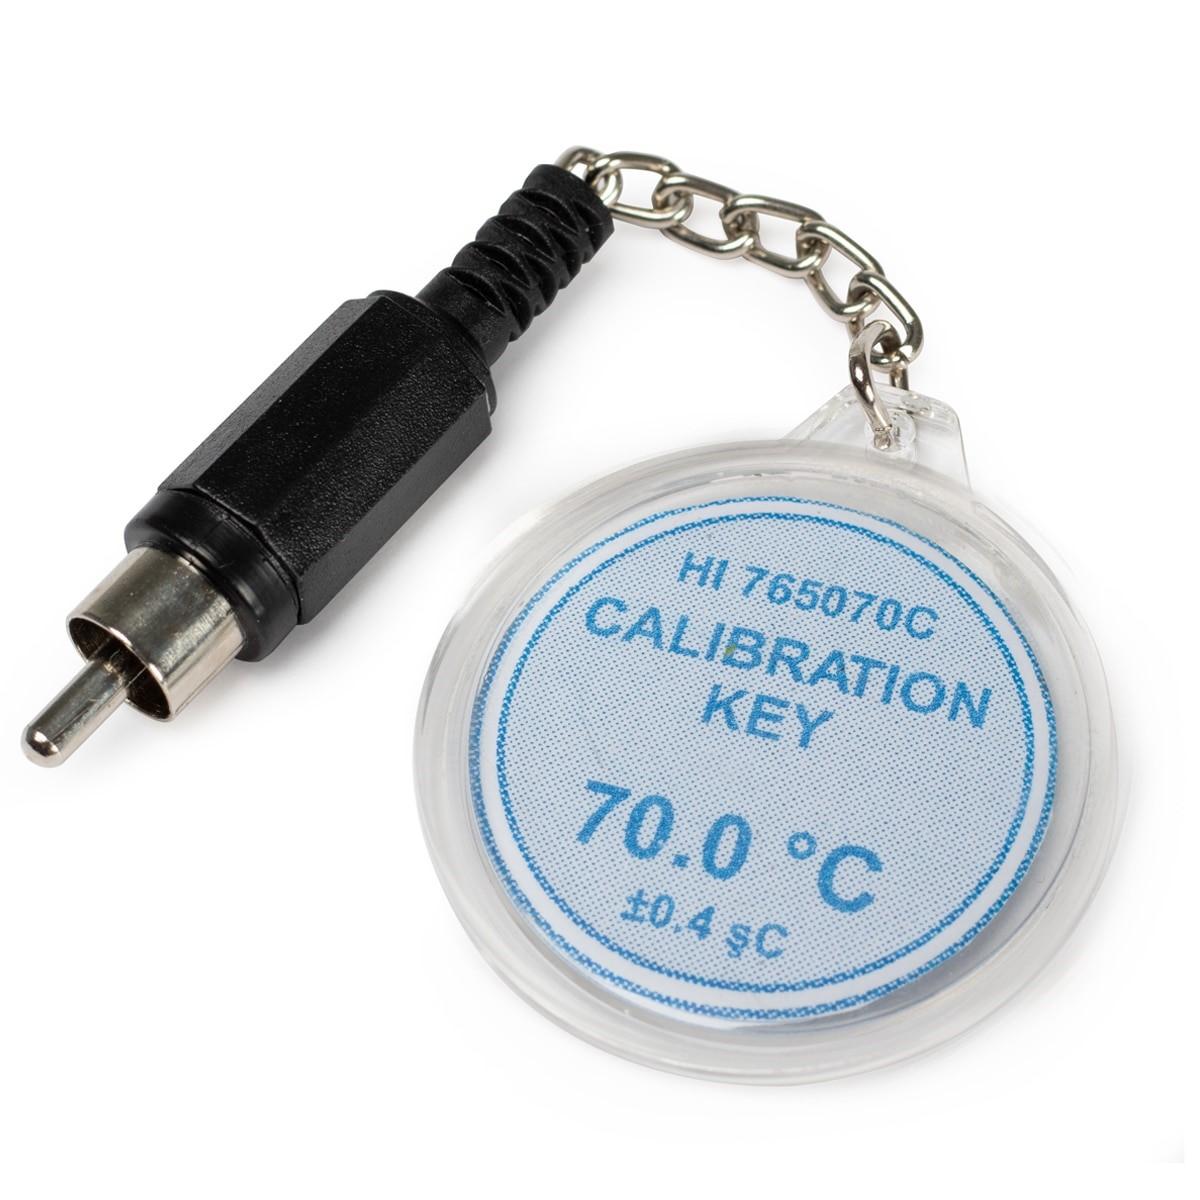 HI765070C Calibration Check Key at 70°C (HI765 Probes)